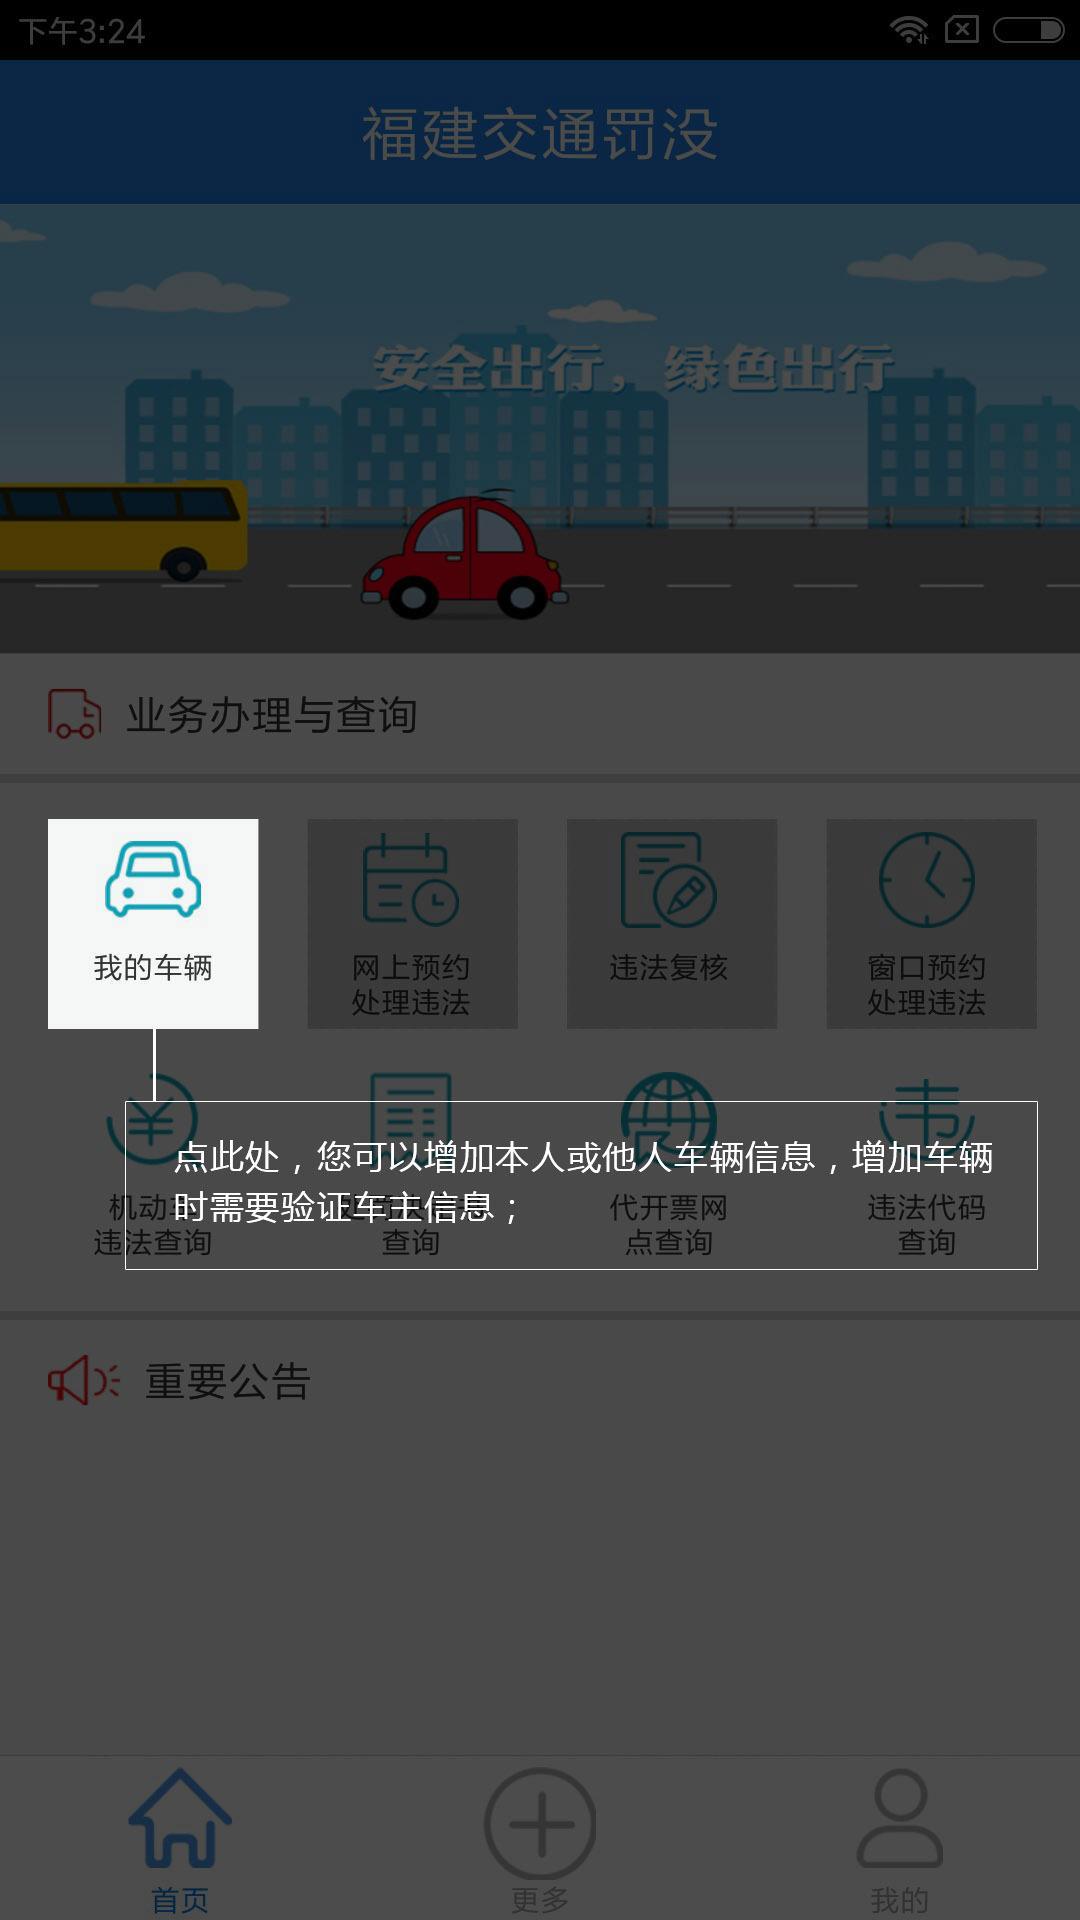 福建交通罚没app截图1